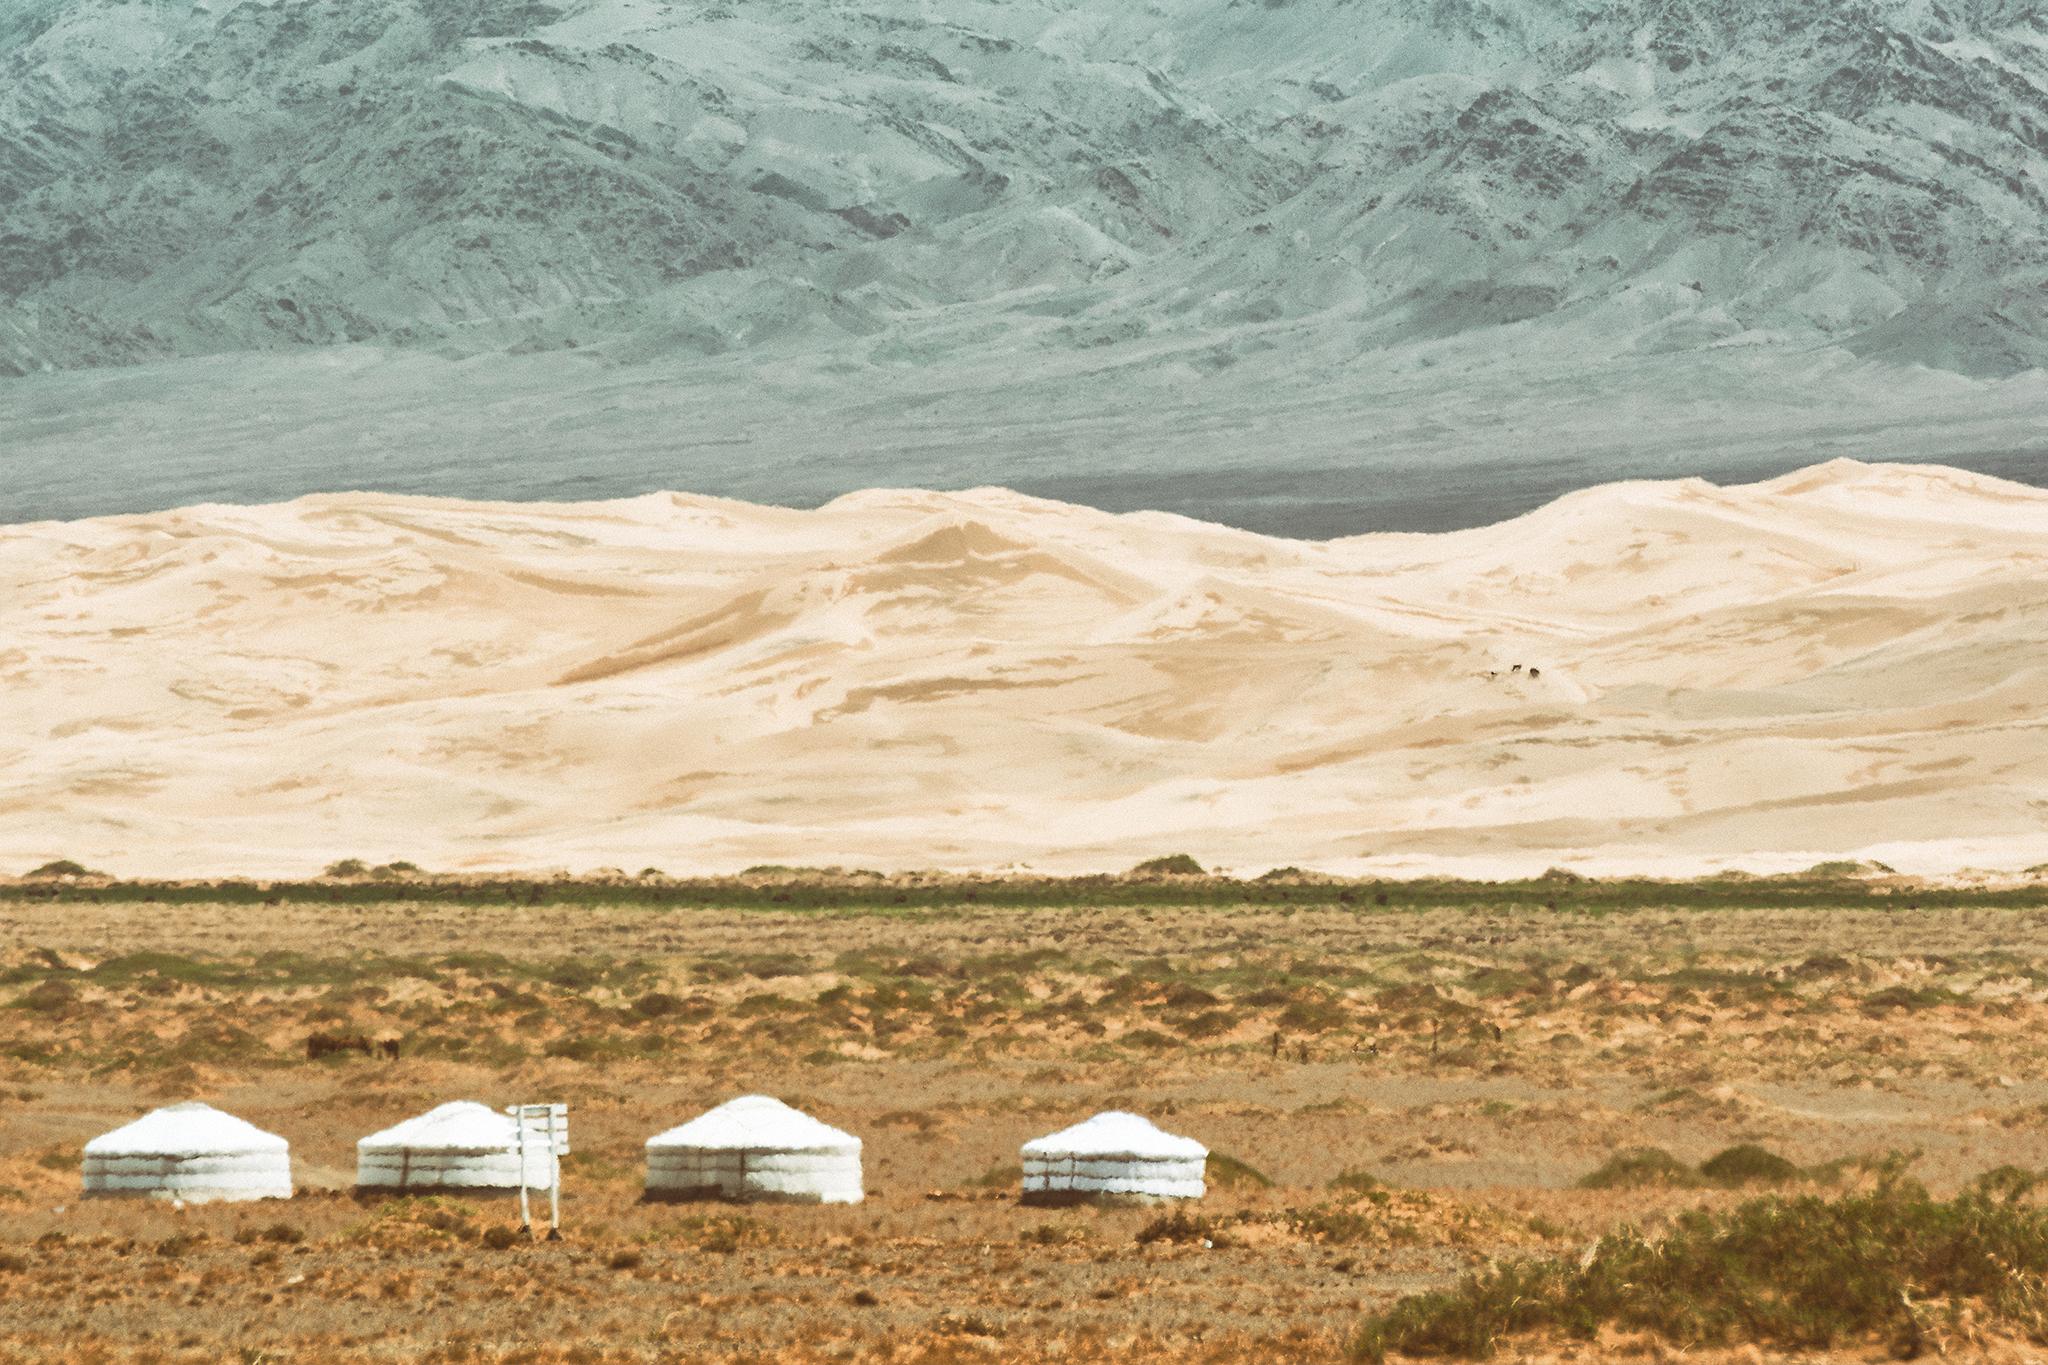 Deserto de Gobi - Ásia